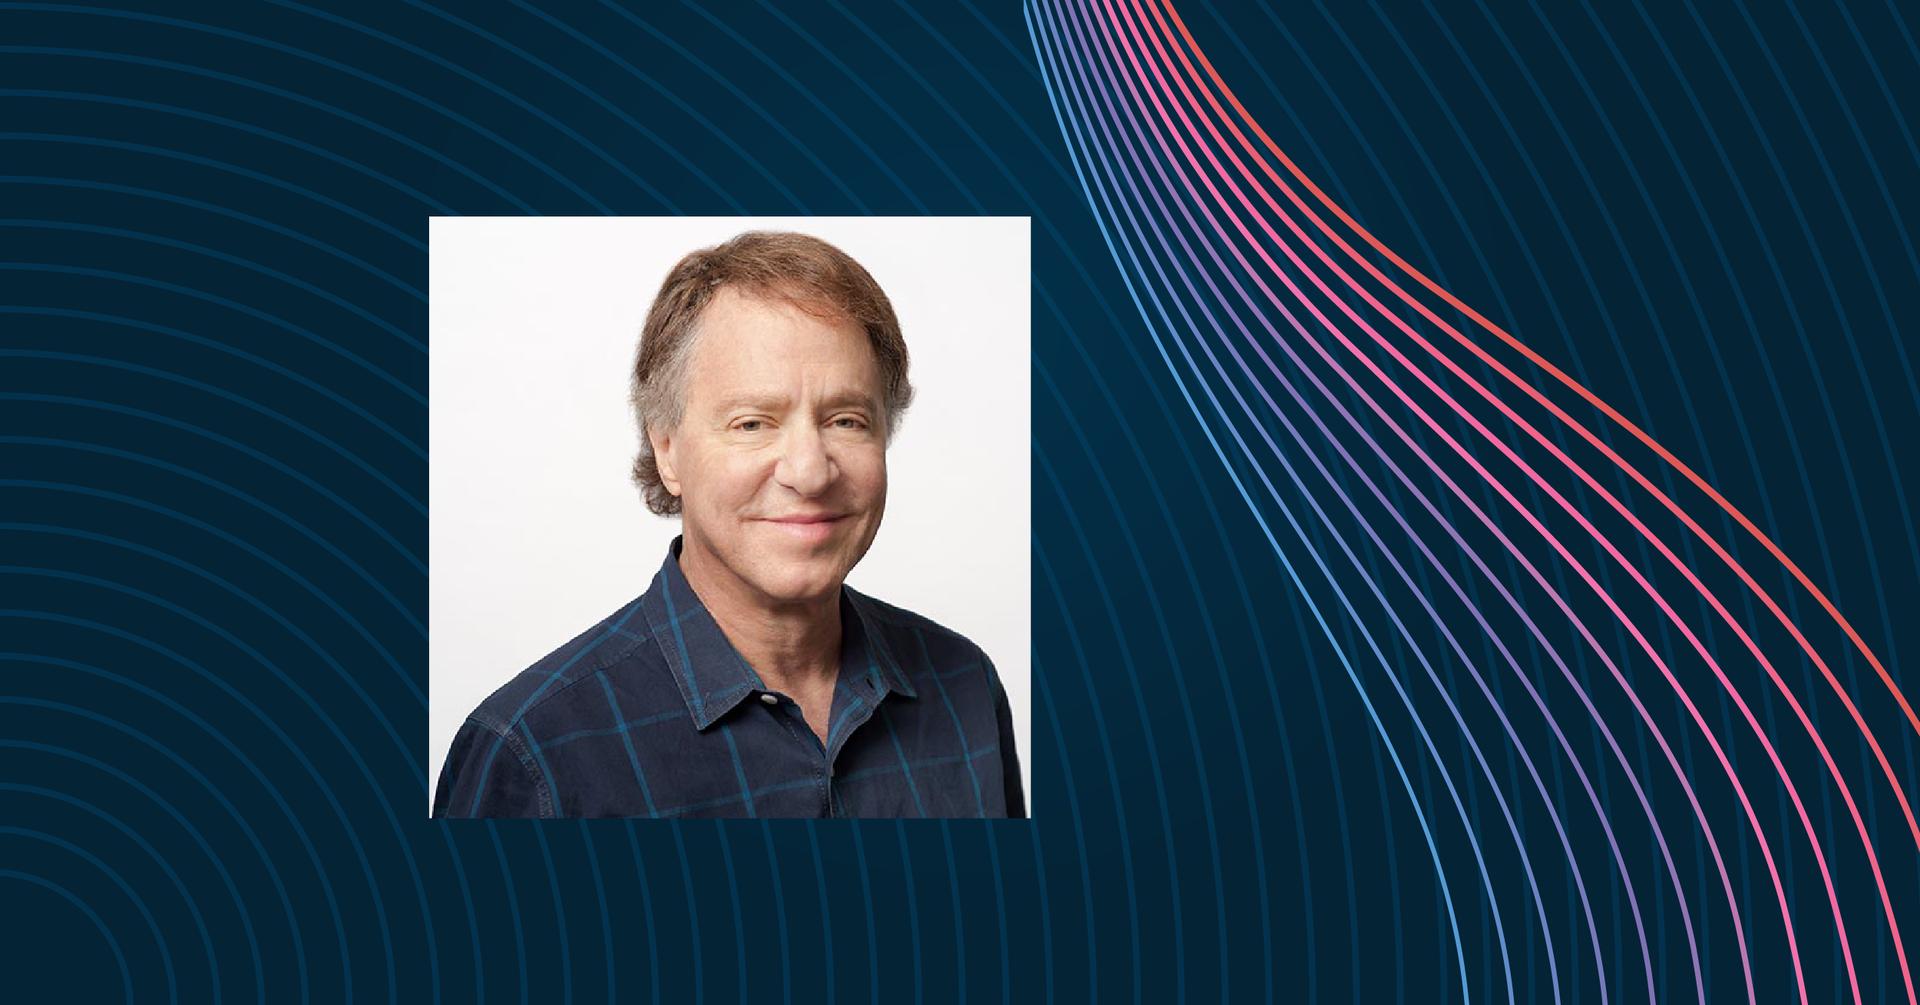 Raymond Kurzweil gościem specjalnym Executive Experience Day